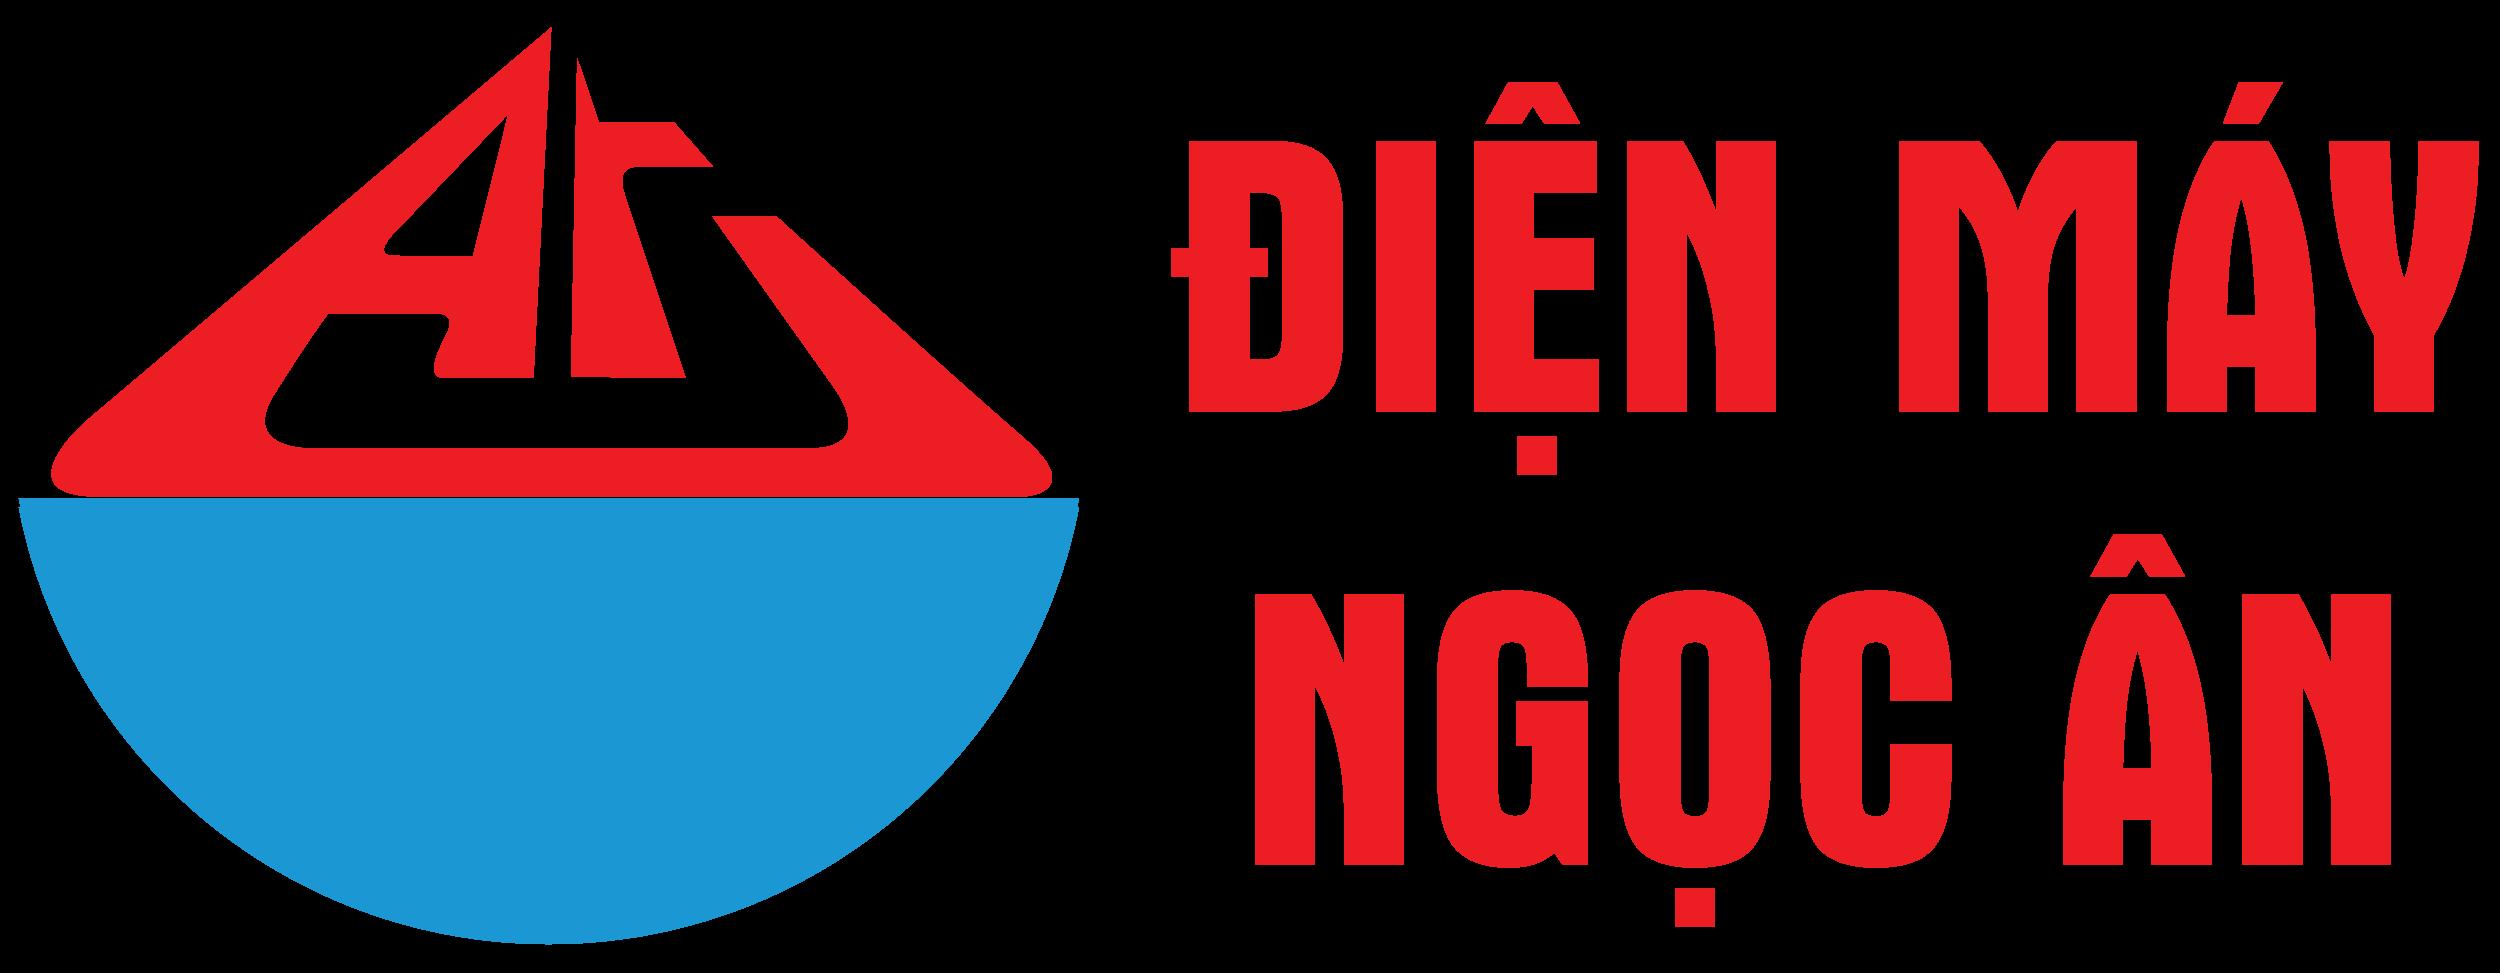 logo CÔNG TY TNHH THƯƠNG MẠI ĐIỆN MÁY HỒNG ÂN